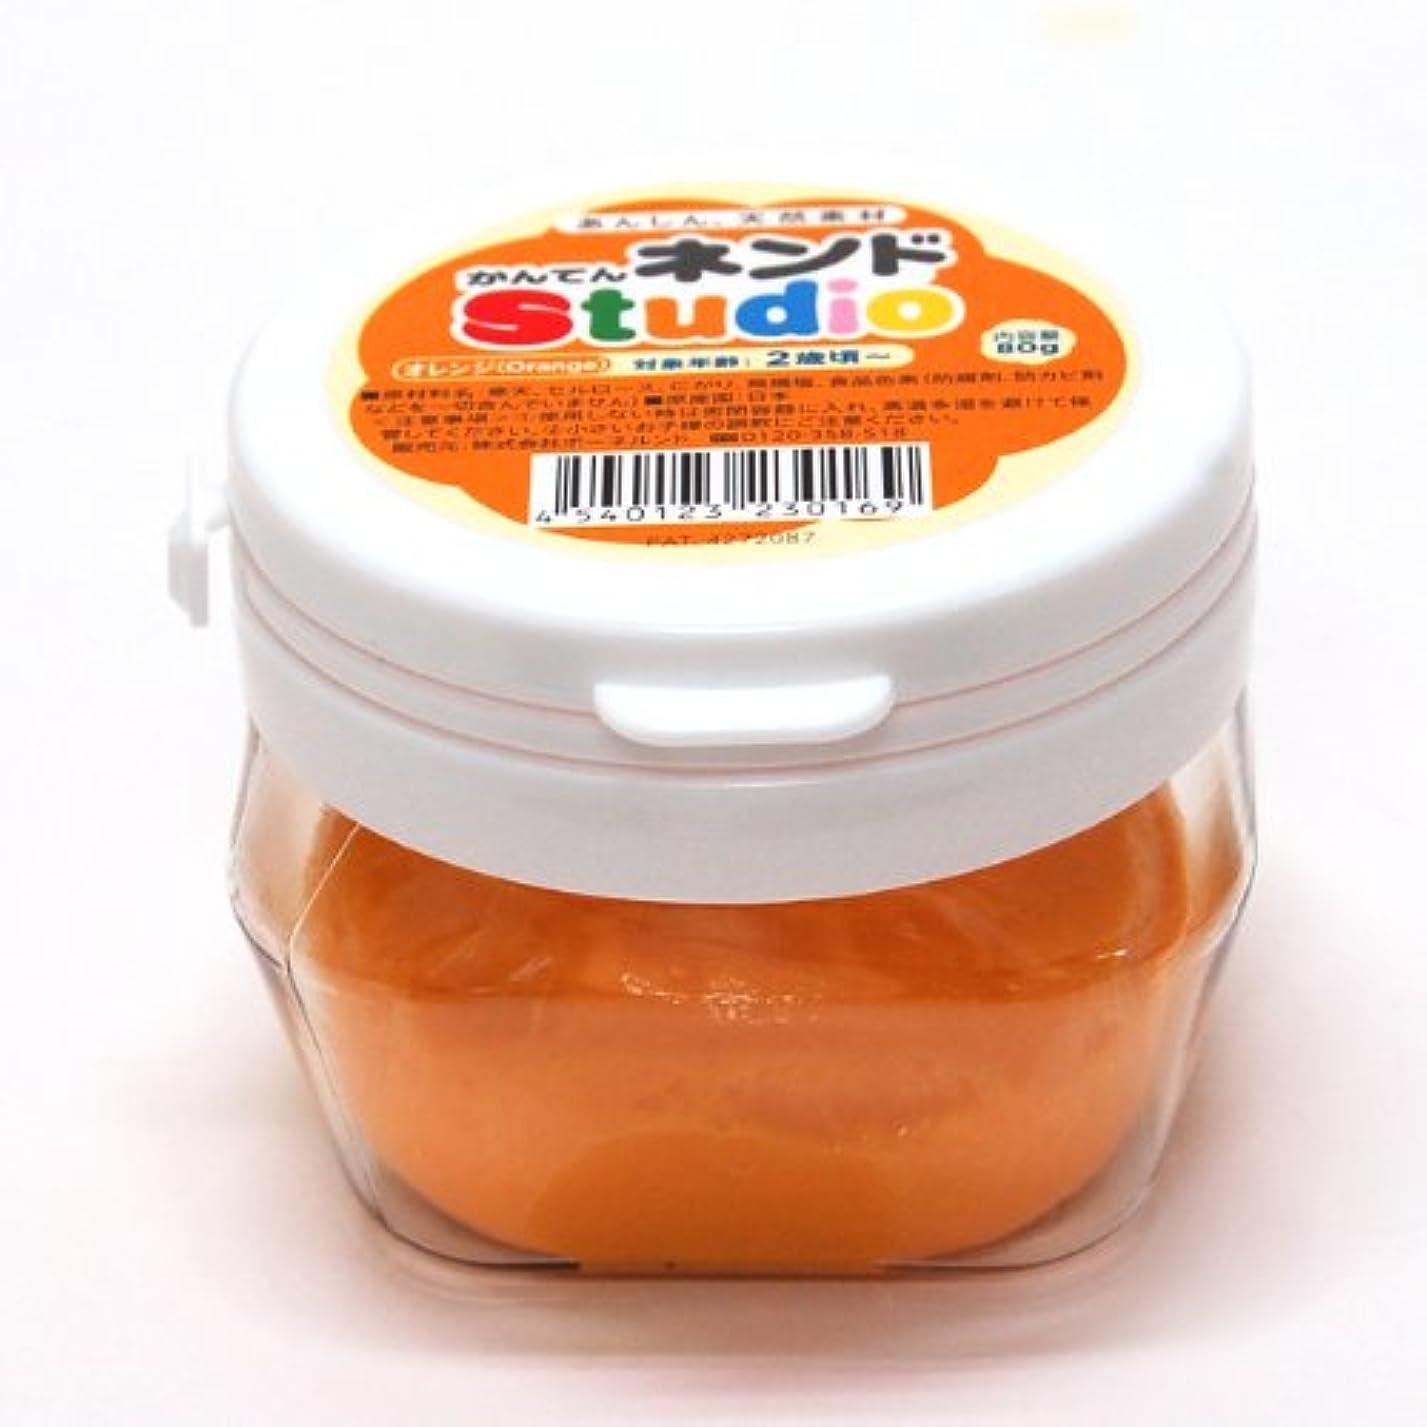 ボーネルンド かんてんネンドstudio オレンジ (寒天粘土)